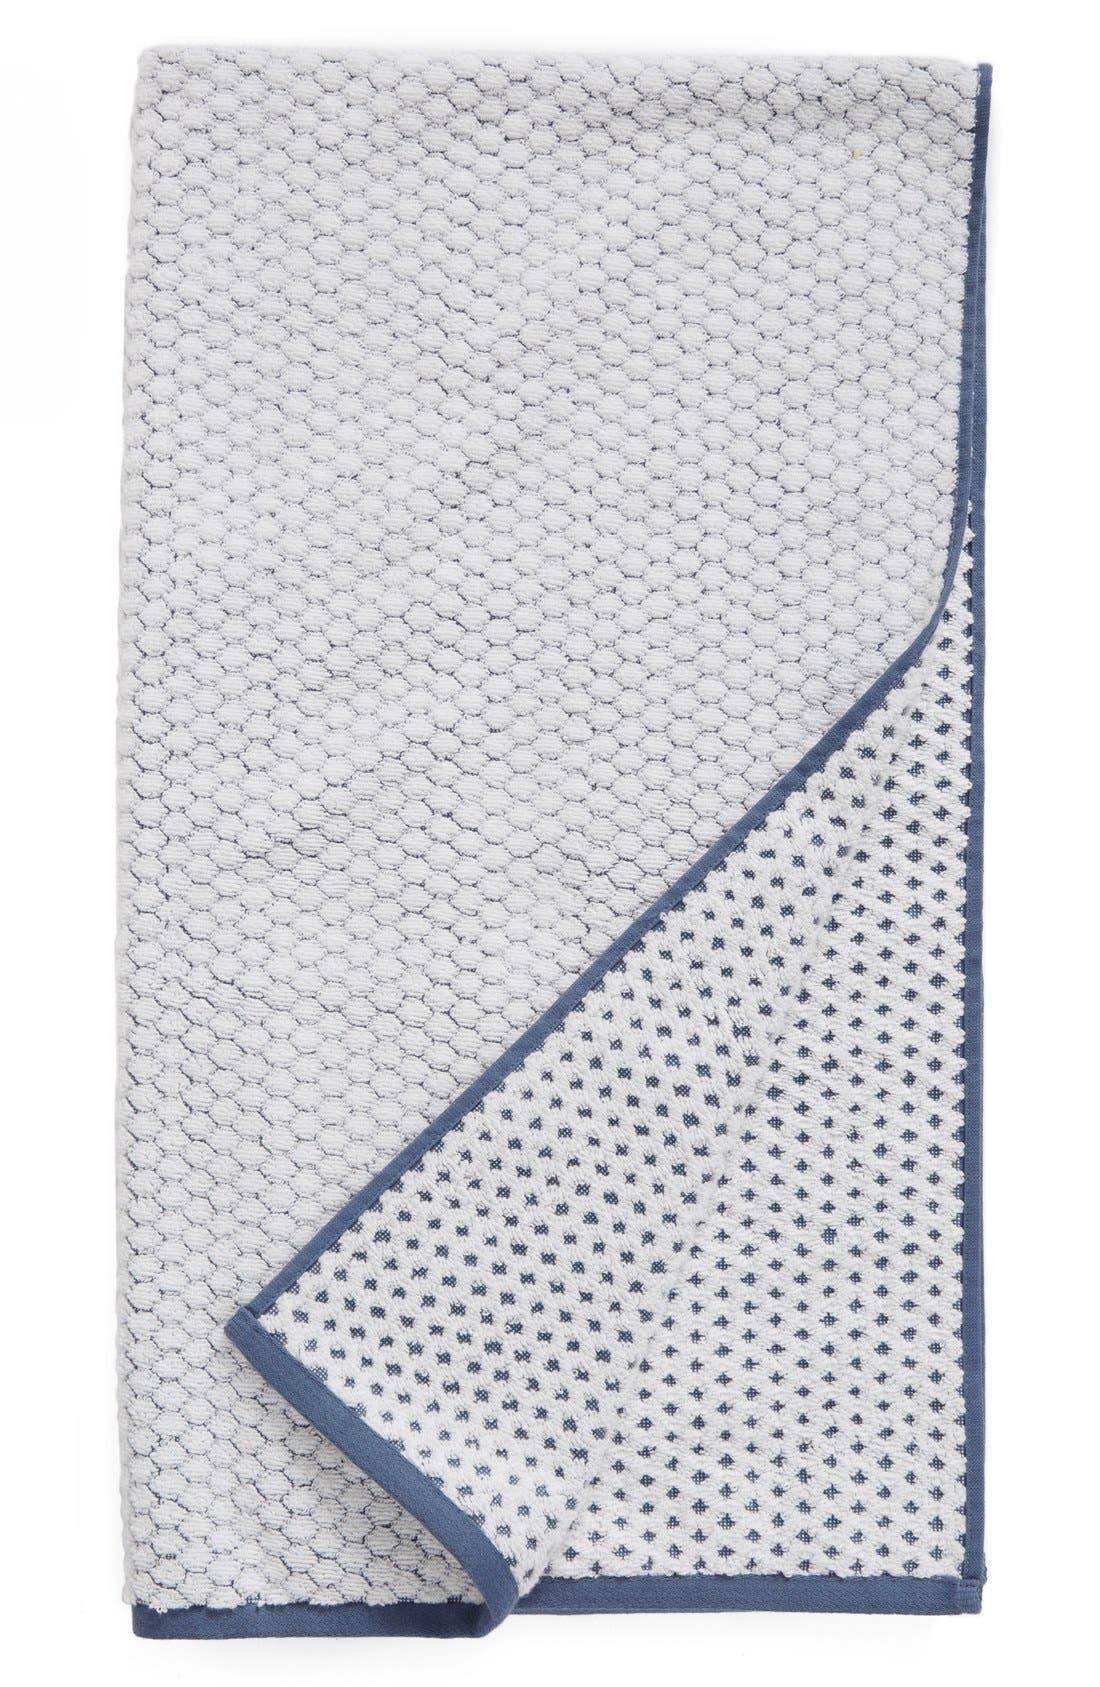 Cobble Bath Towel,                             Main thumbnail 1, color,                             Blue Vintage